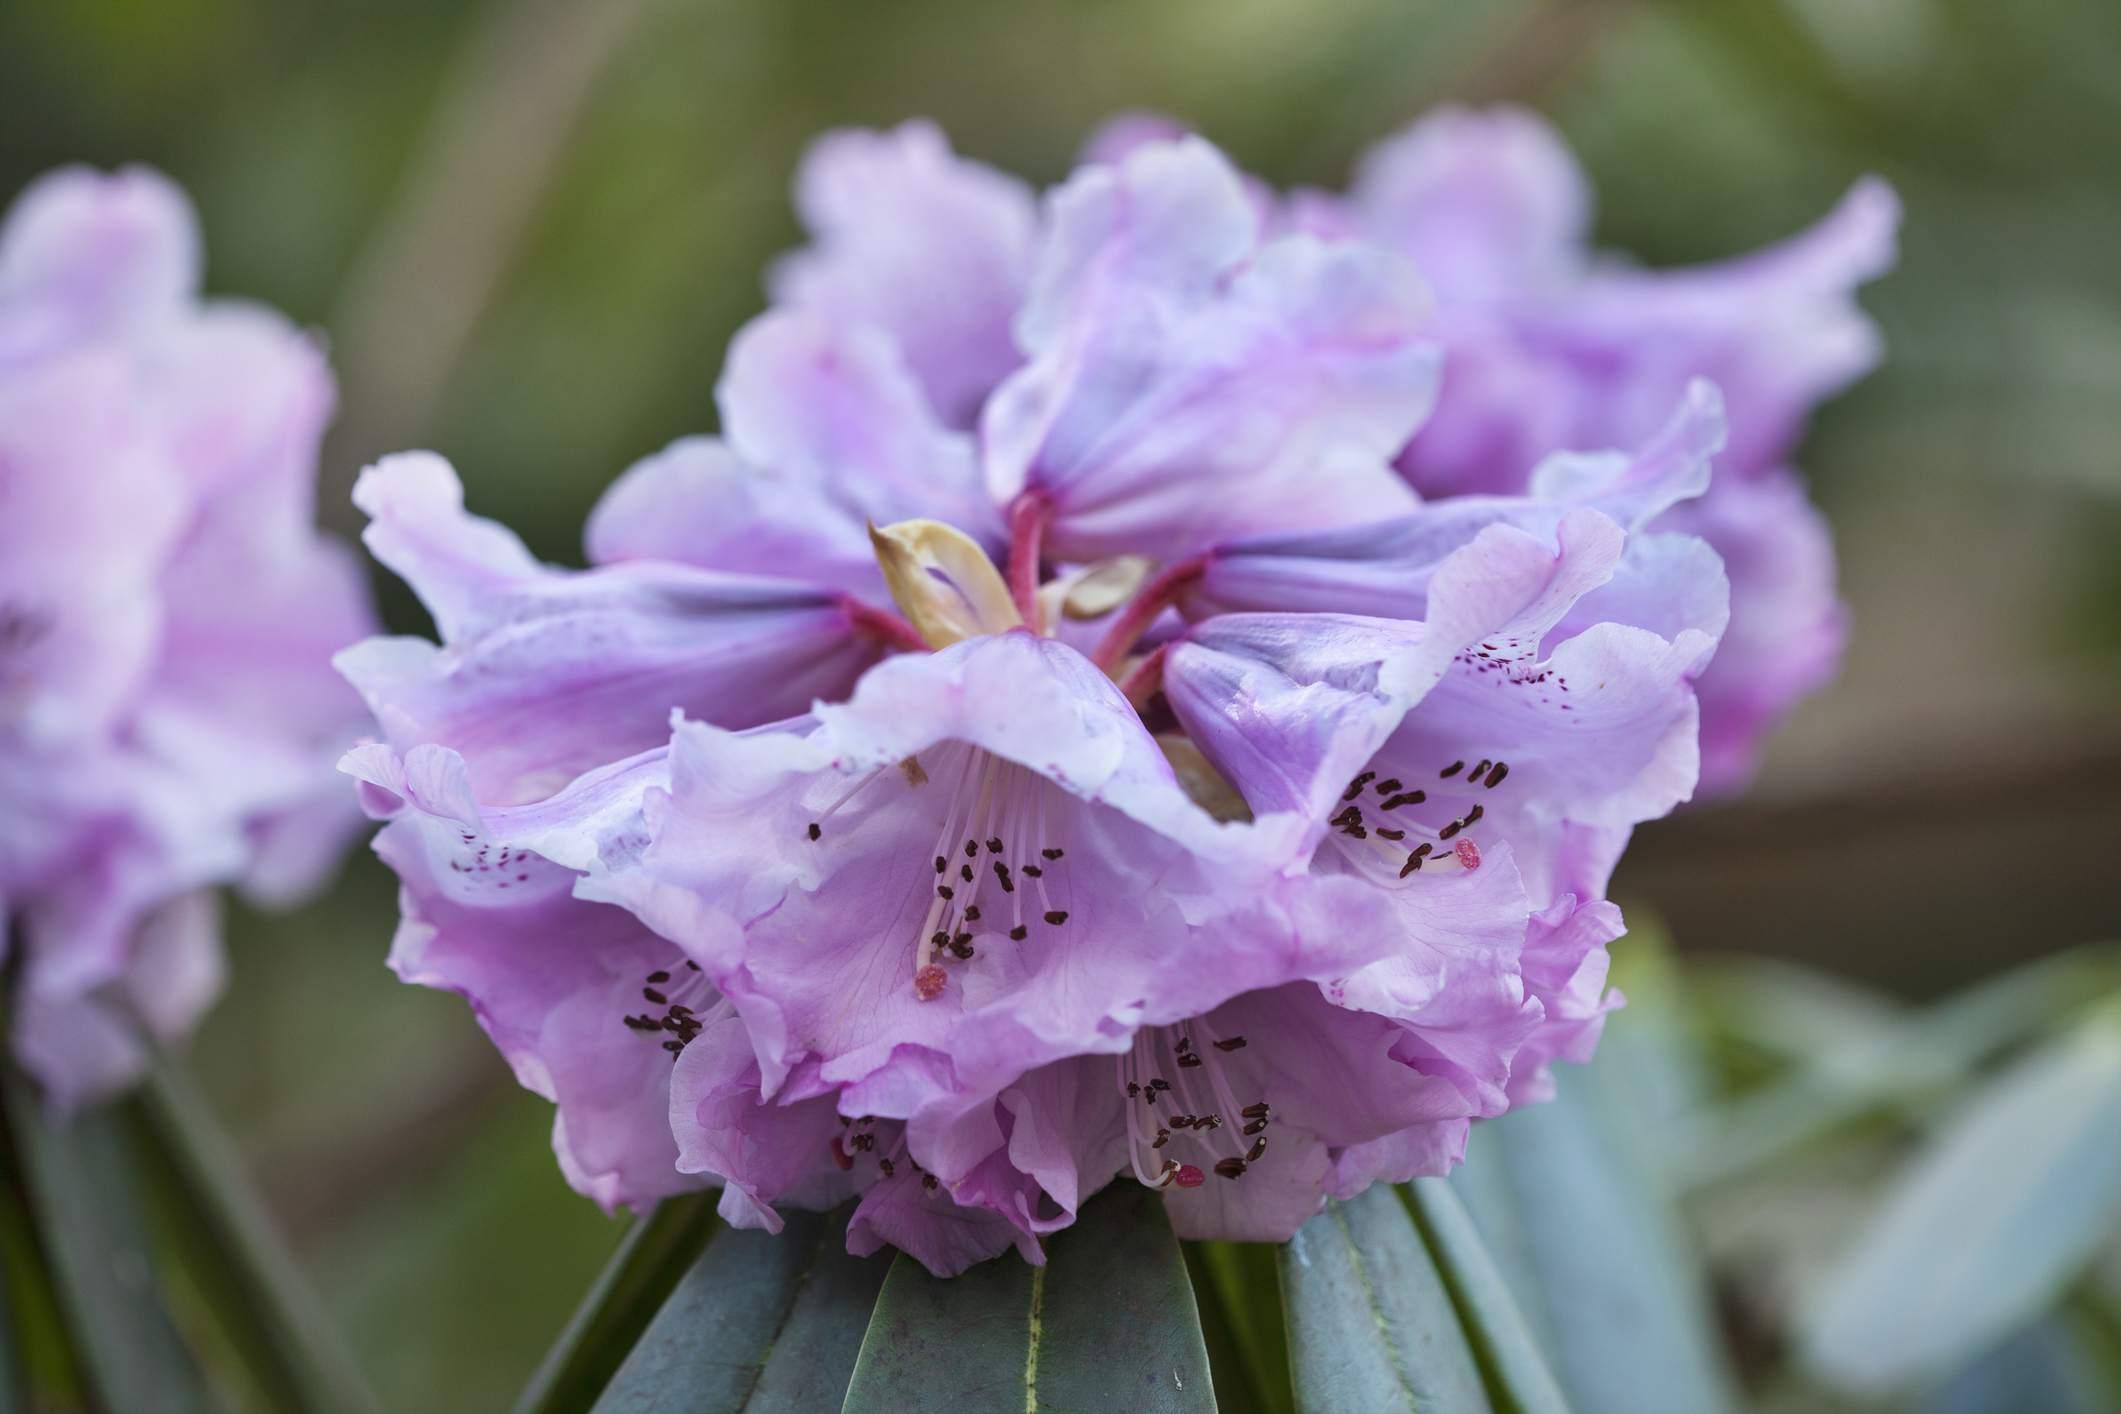 arbusto de rododendro en flor con flores de lavanda